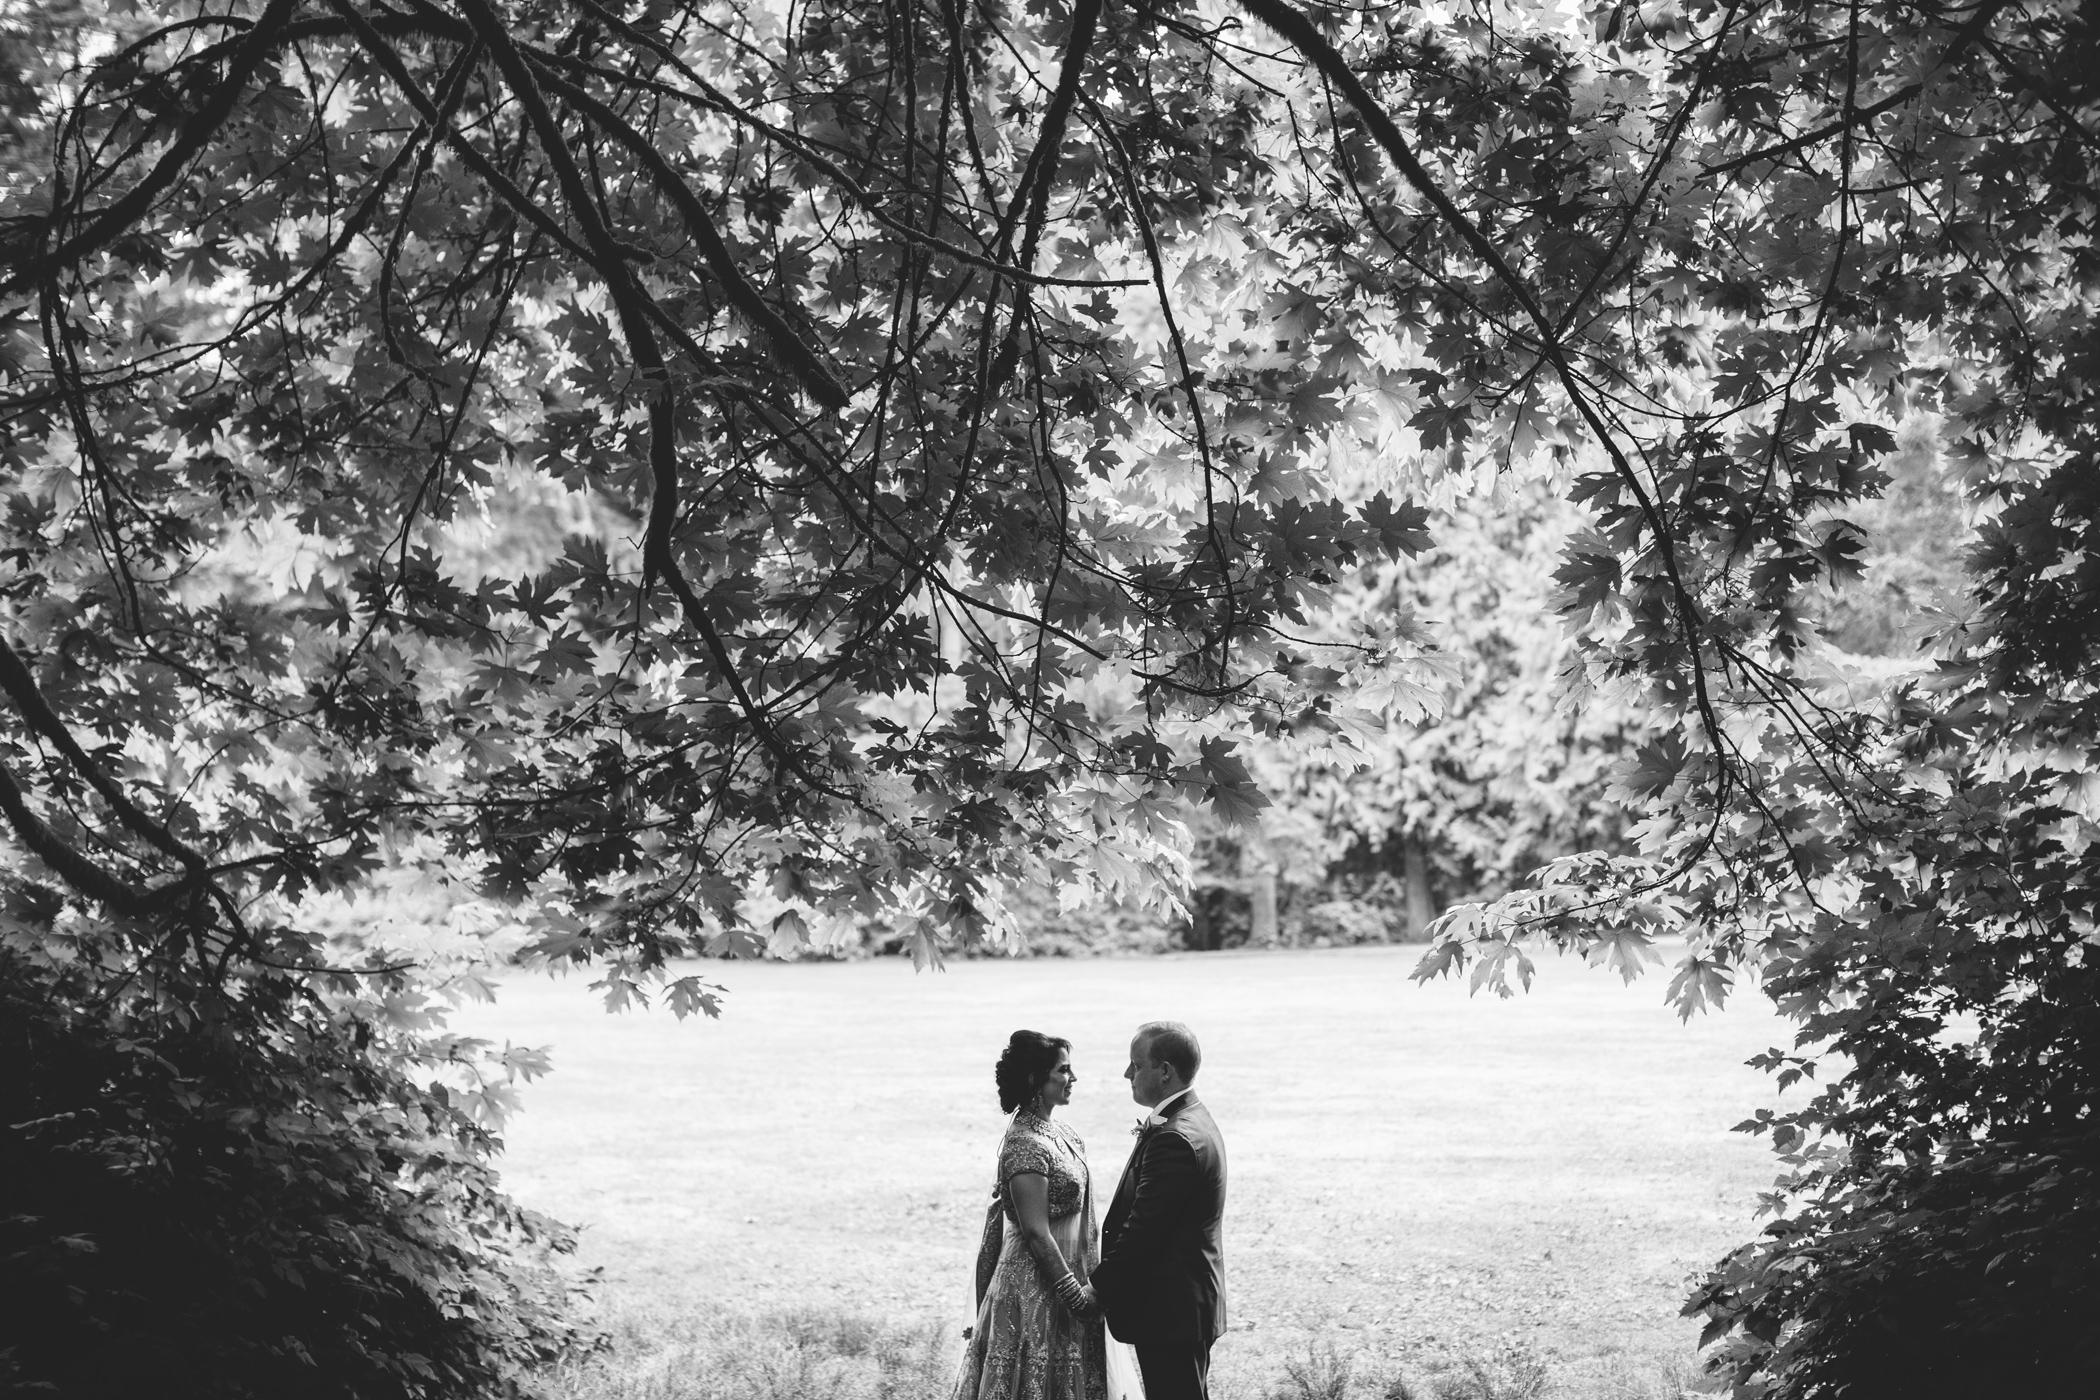 Black and white Ismaili wedding couple